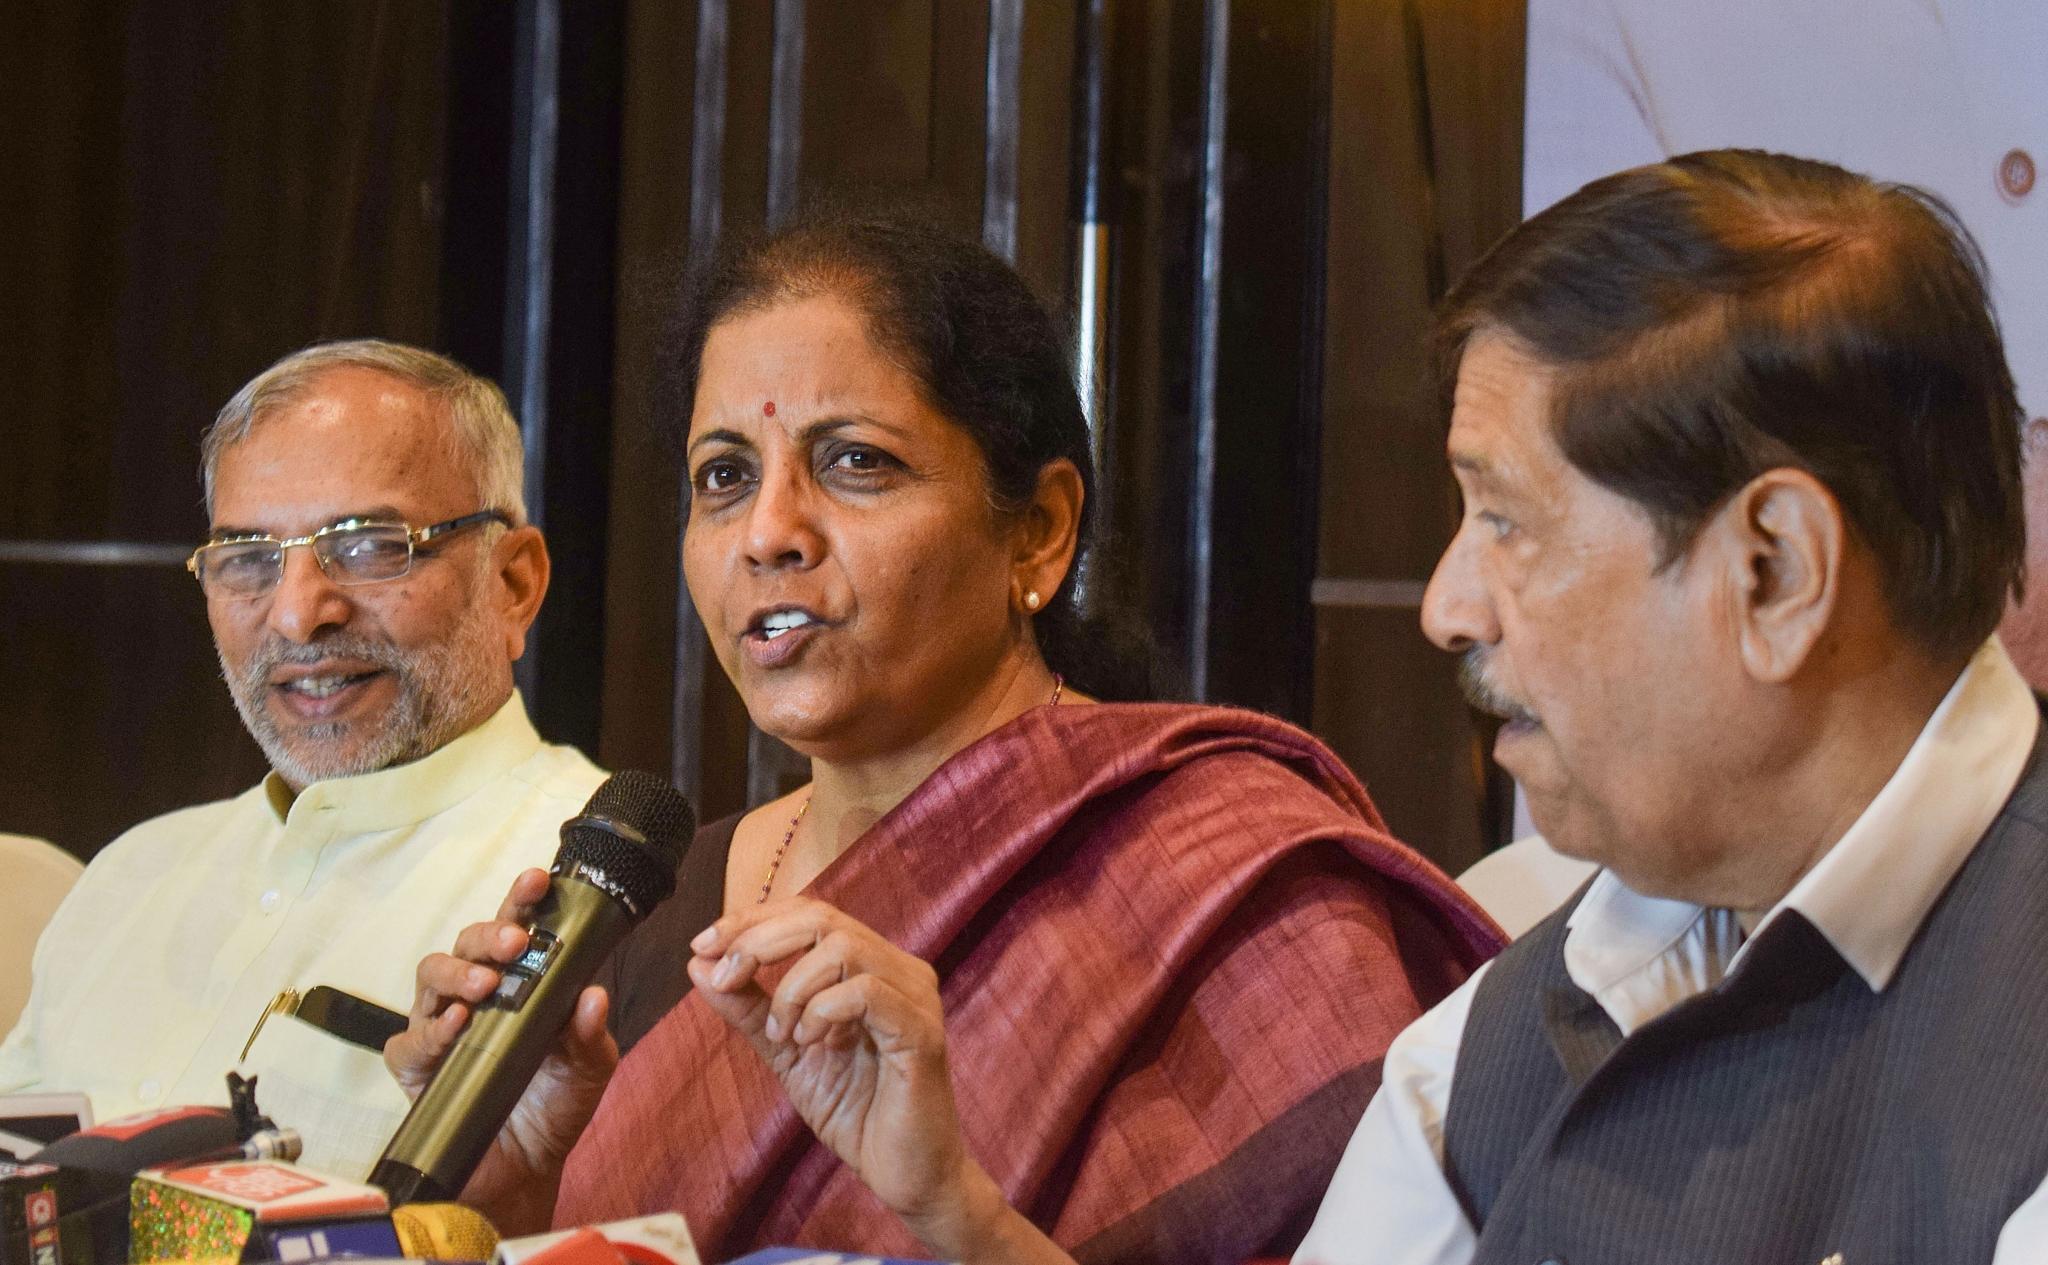 Indian PSBs Had 'Worst Phase' Under Manmohan, Raghuram: Sitharaman